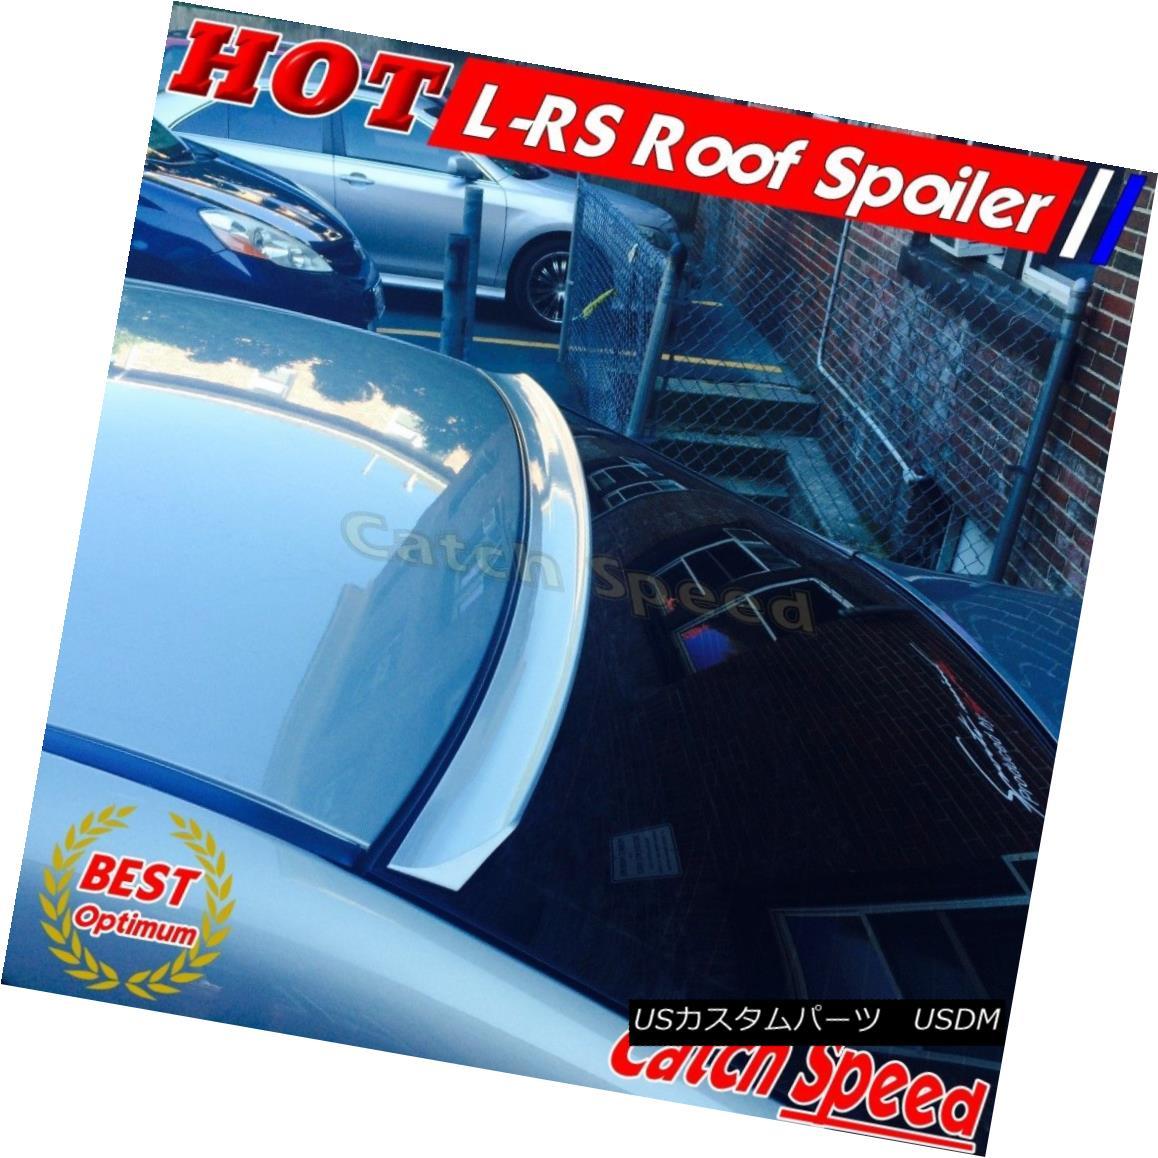 エアロパーツ Flat Black LRS Style Rear Roof Spoiler Wings For Skoda Octavia Sedan 1996~2003 Skoda Octavia Sedan用フラットブラックLRSスタイルリアルーフスポイラーウイング1996?2003